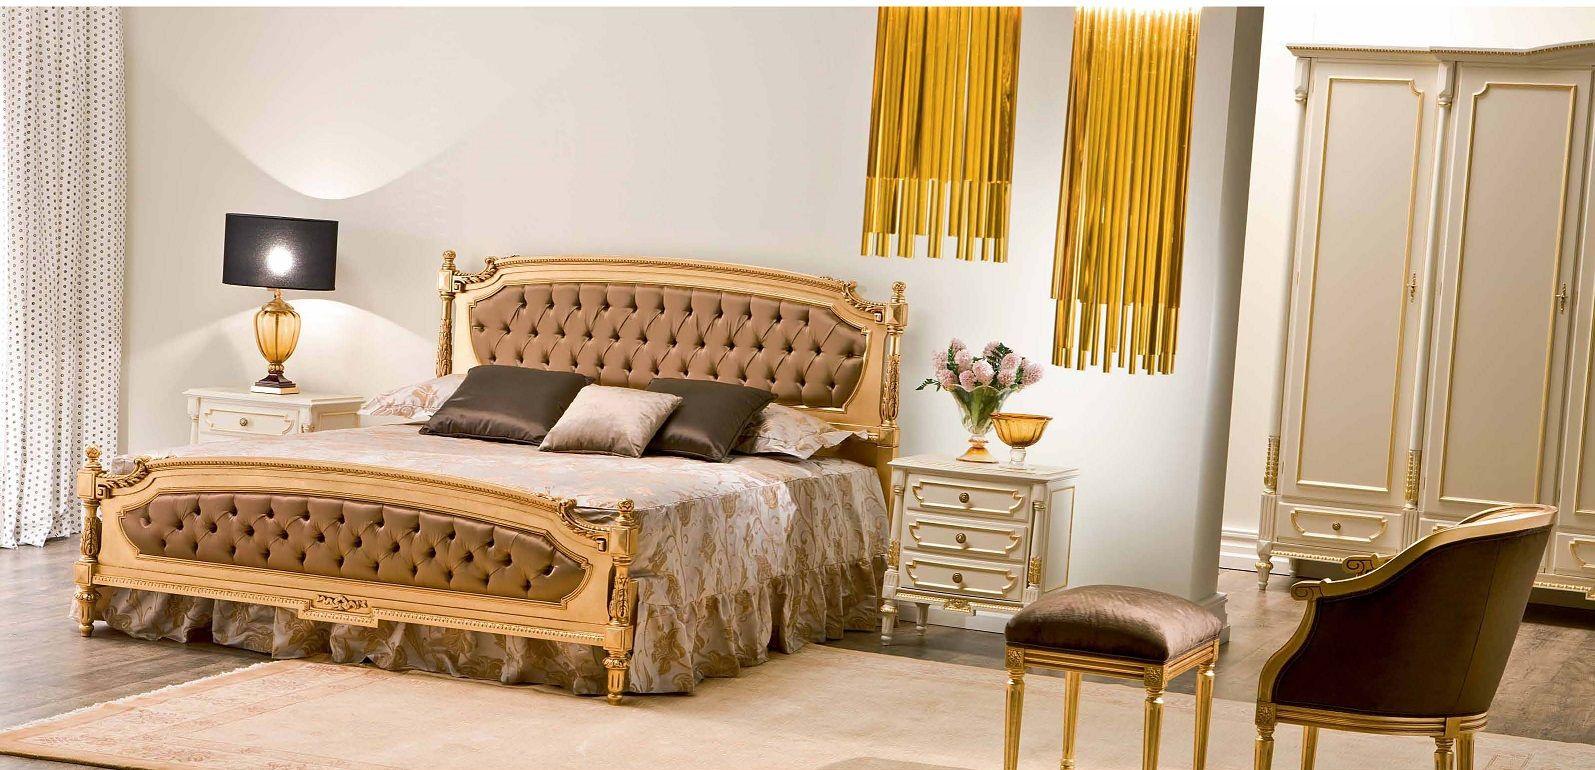 luxus m bel luxus schlafzimmer serie silik istaridie m bel aus italien. Black Bedroom Furniture Sets. Home Design Ideas